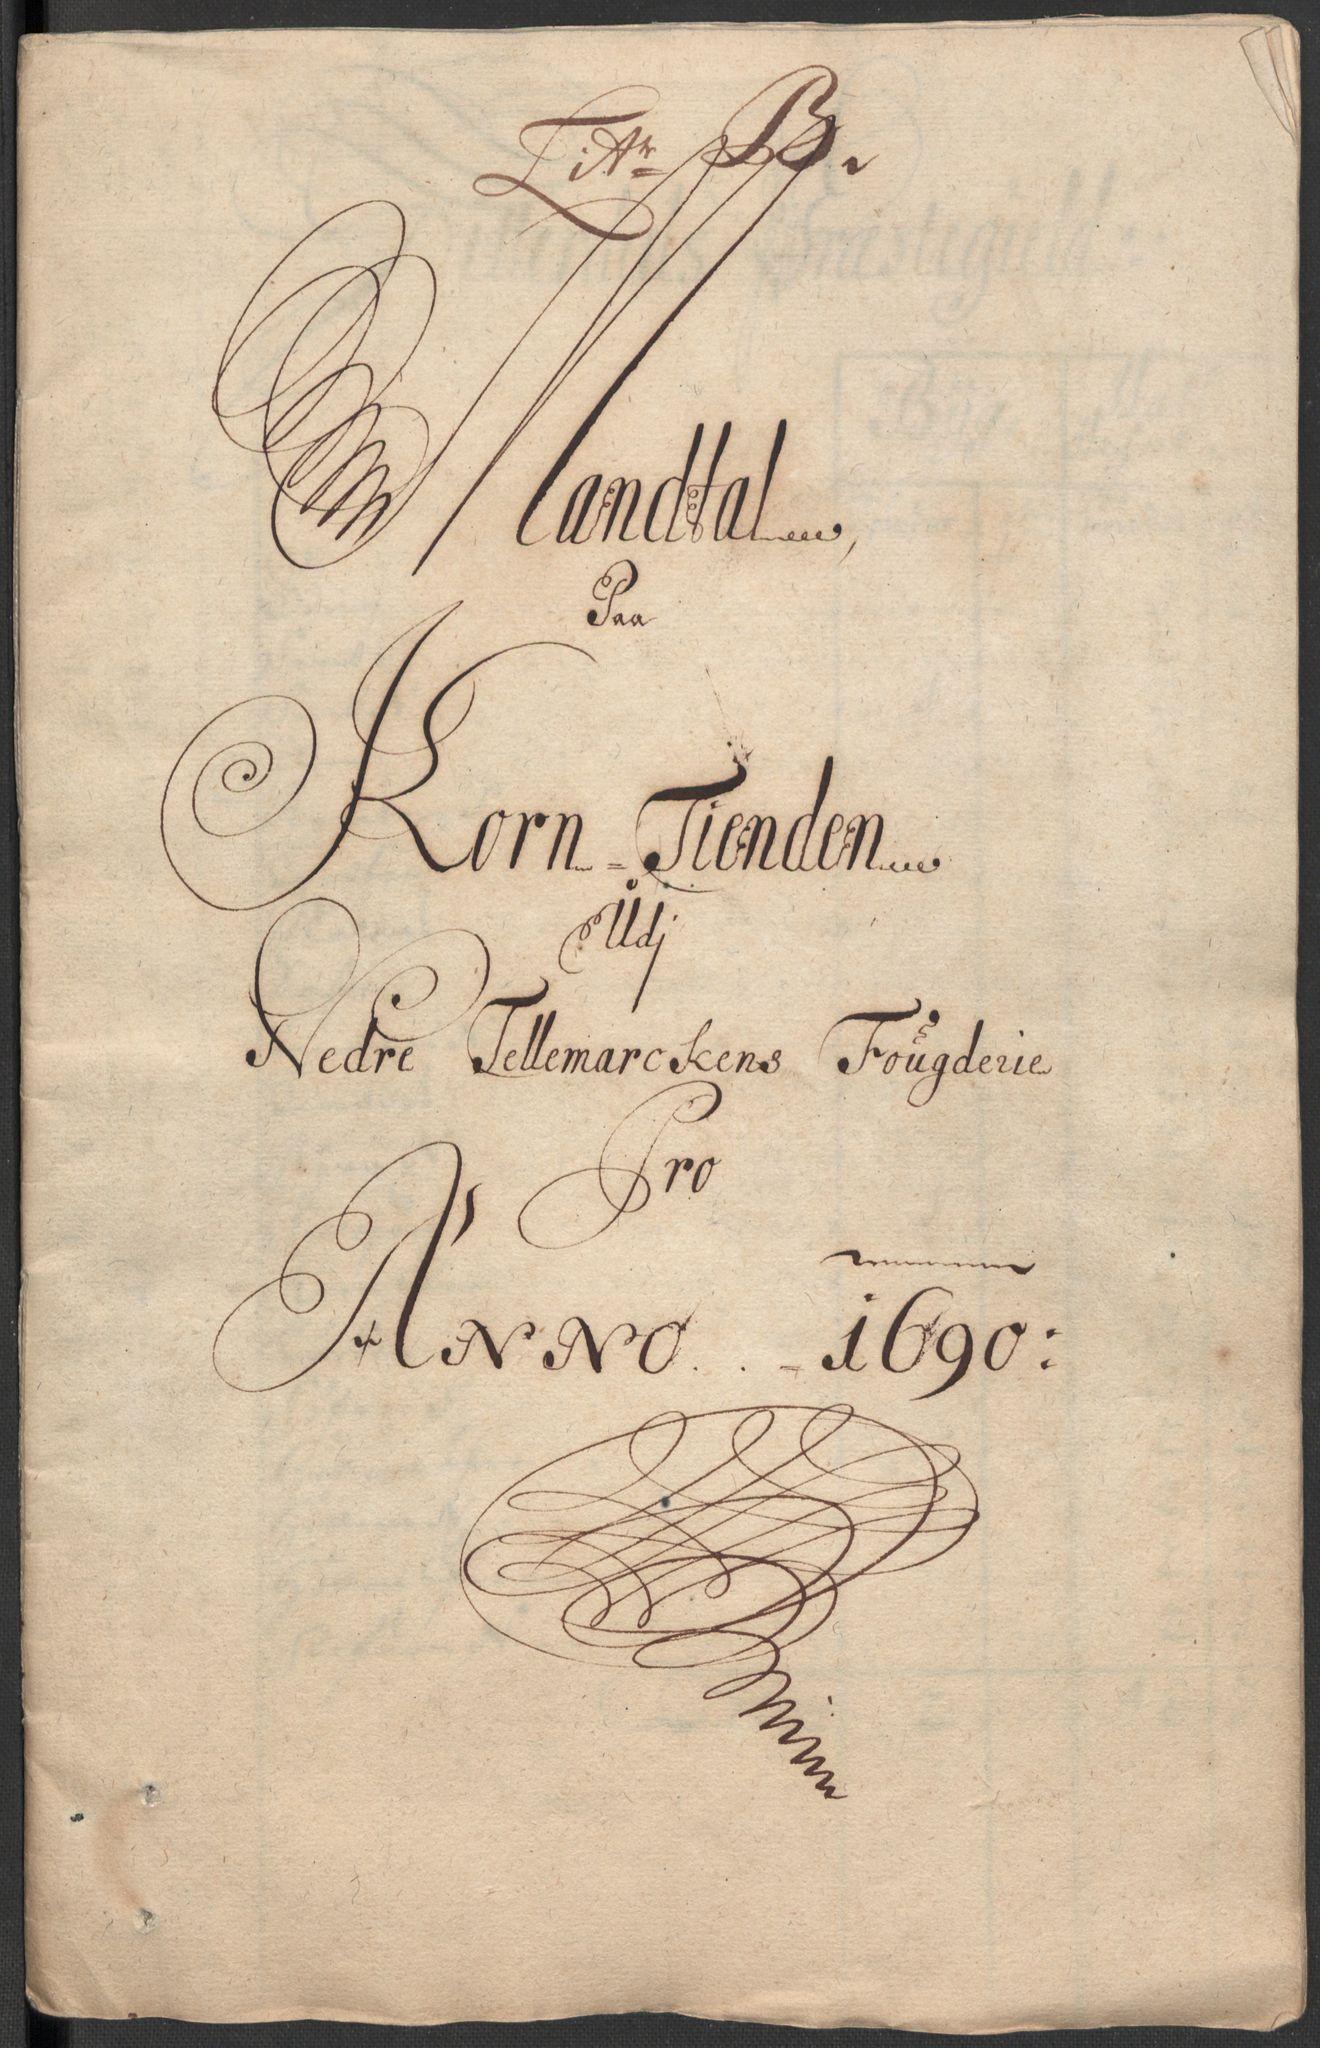 RA, Rentekammeret inntil 1814, Reviderte regnskaper, Fogderegnskap, R35/L2089: Fogderegnskap Øvre og Nedre Telemark, 1690-1692, s. 50